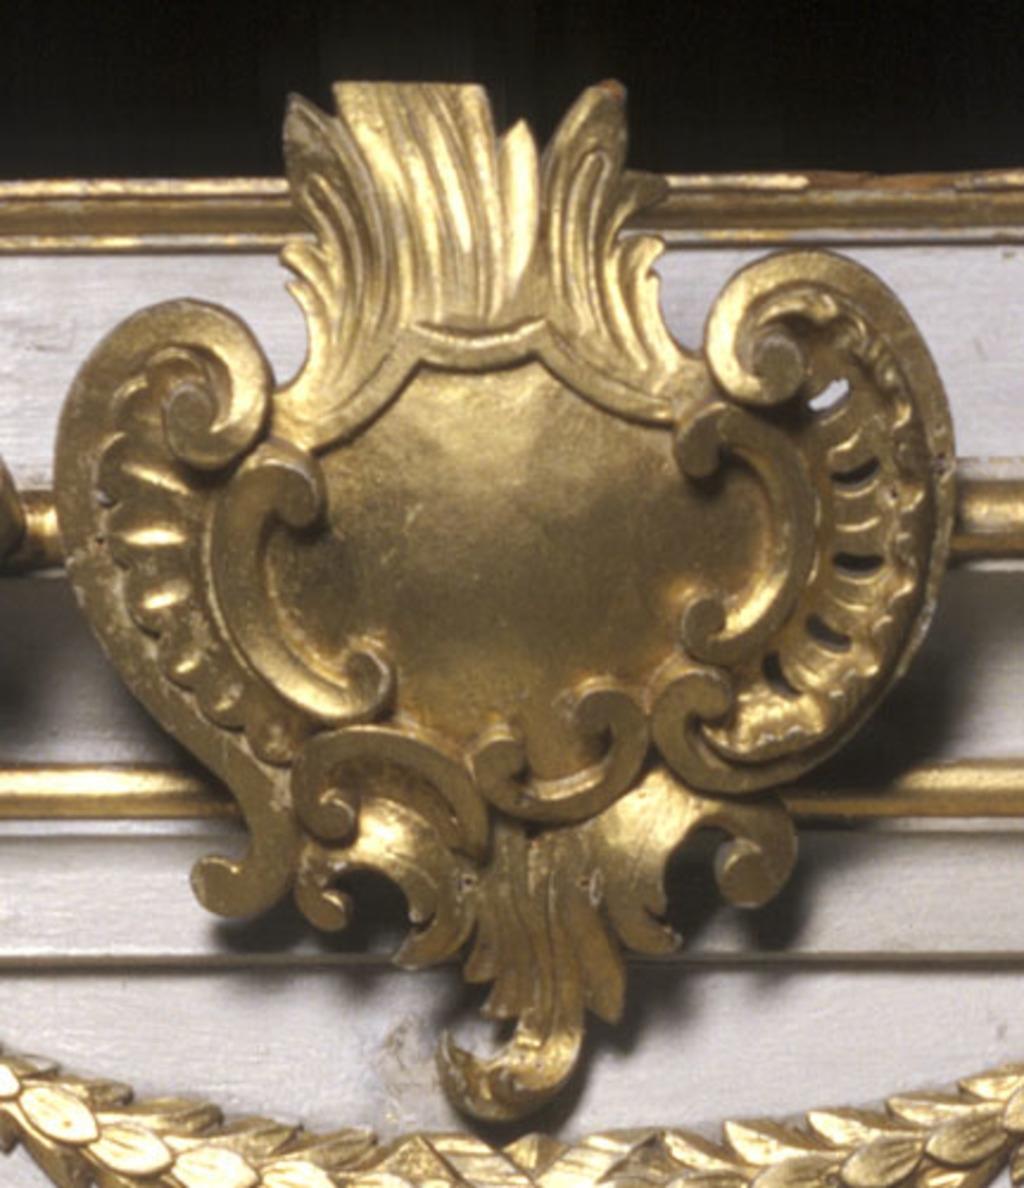 Cartouche du tabernacle de l'autel du Bon-Pasteur de Saint-Martin de Laval